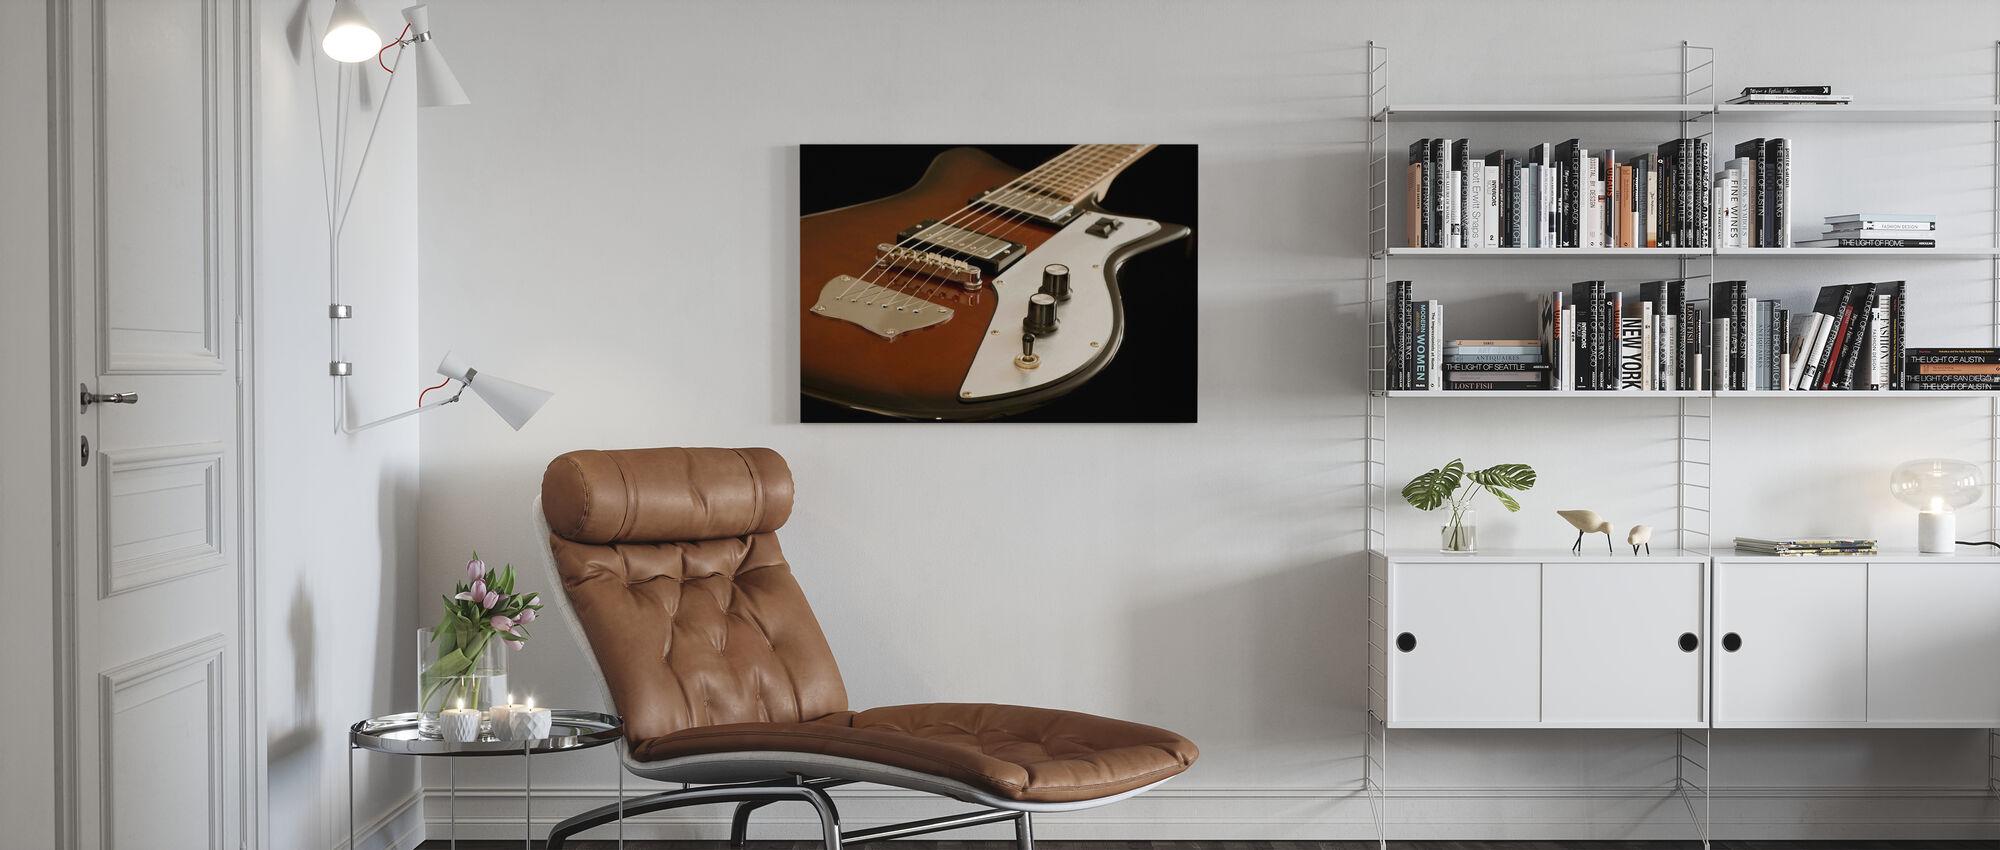 Guitare Électrique - Impression sur toile - Salle à manger